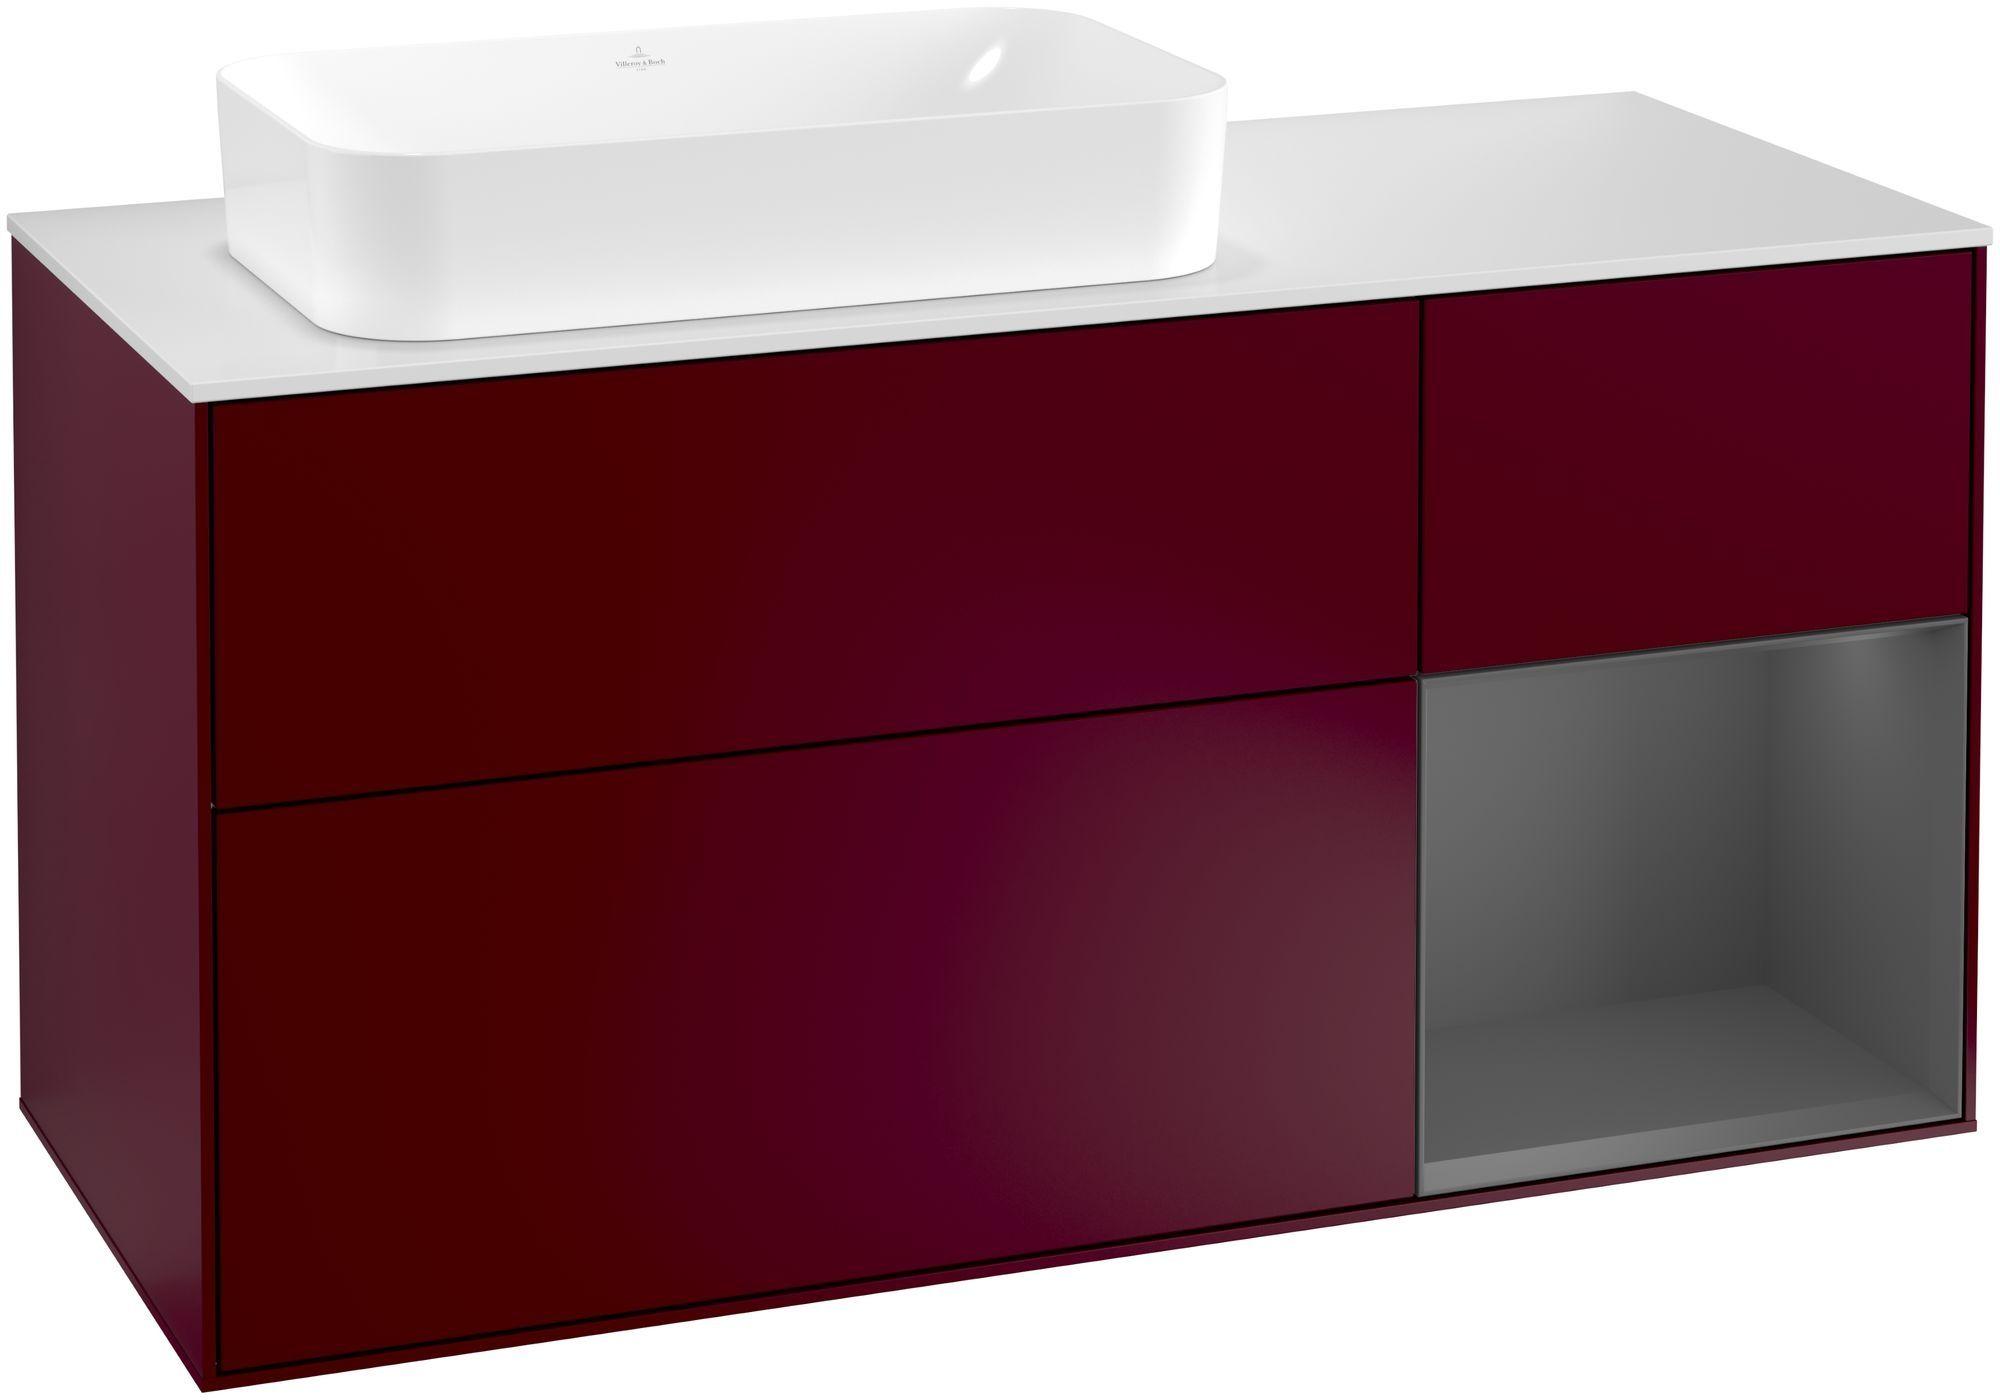 Villeroy & Boch Finion F28 Waschtischunterschrank mit Regalelement 3 Auszüge Waschtisch links LED-Beleuchtung B:120xH:60,3xT:50,1cm Front, Korpus: Peony, Regal: Anthracite Matt, Glasplatte: White Matt F281GKHB